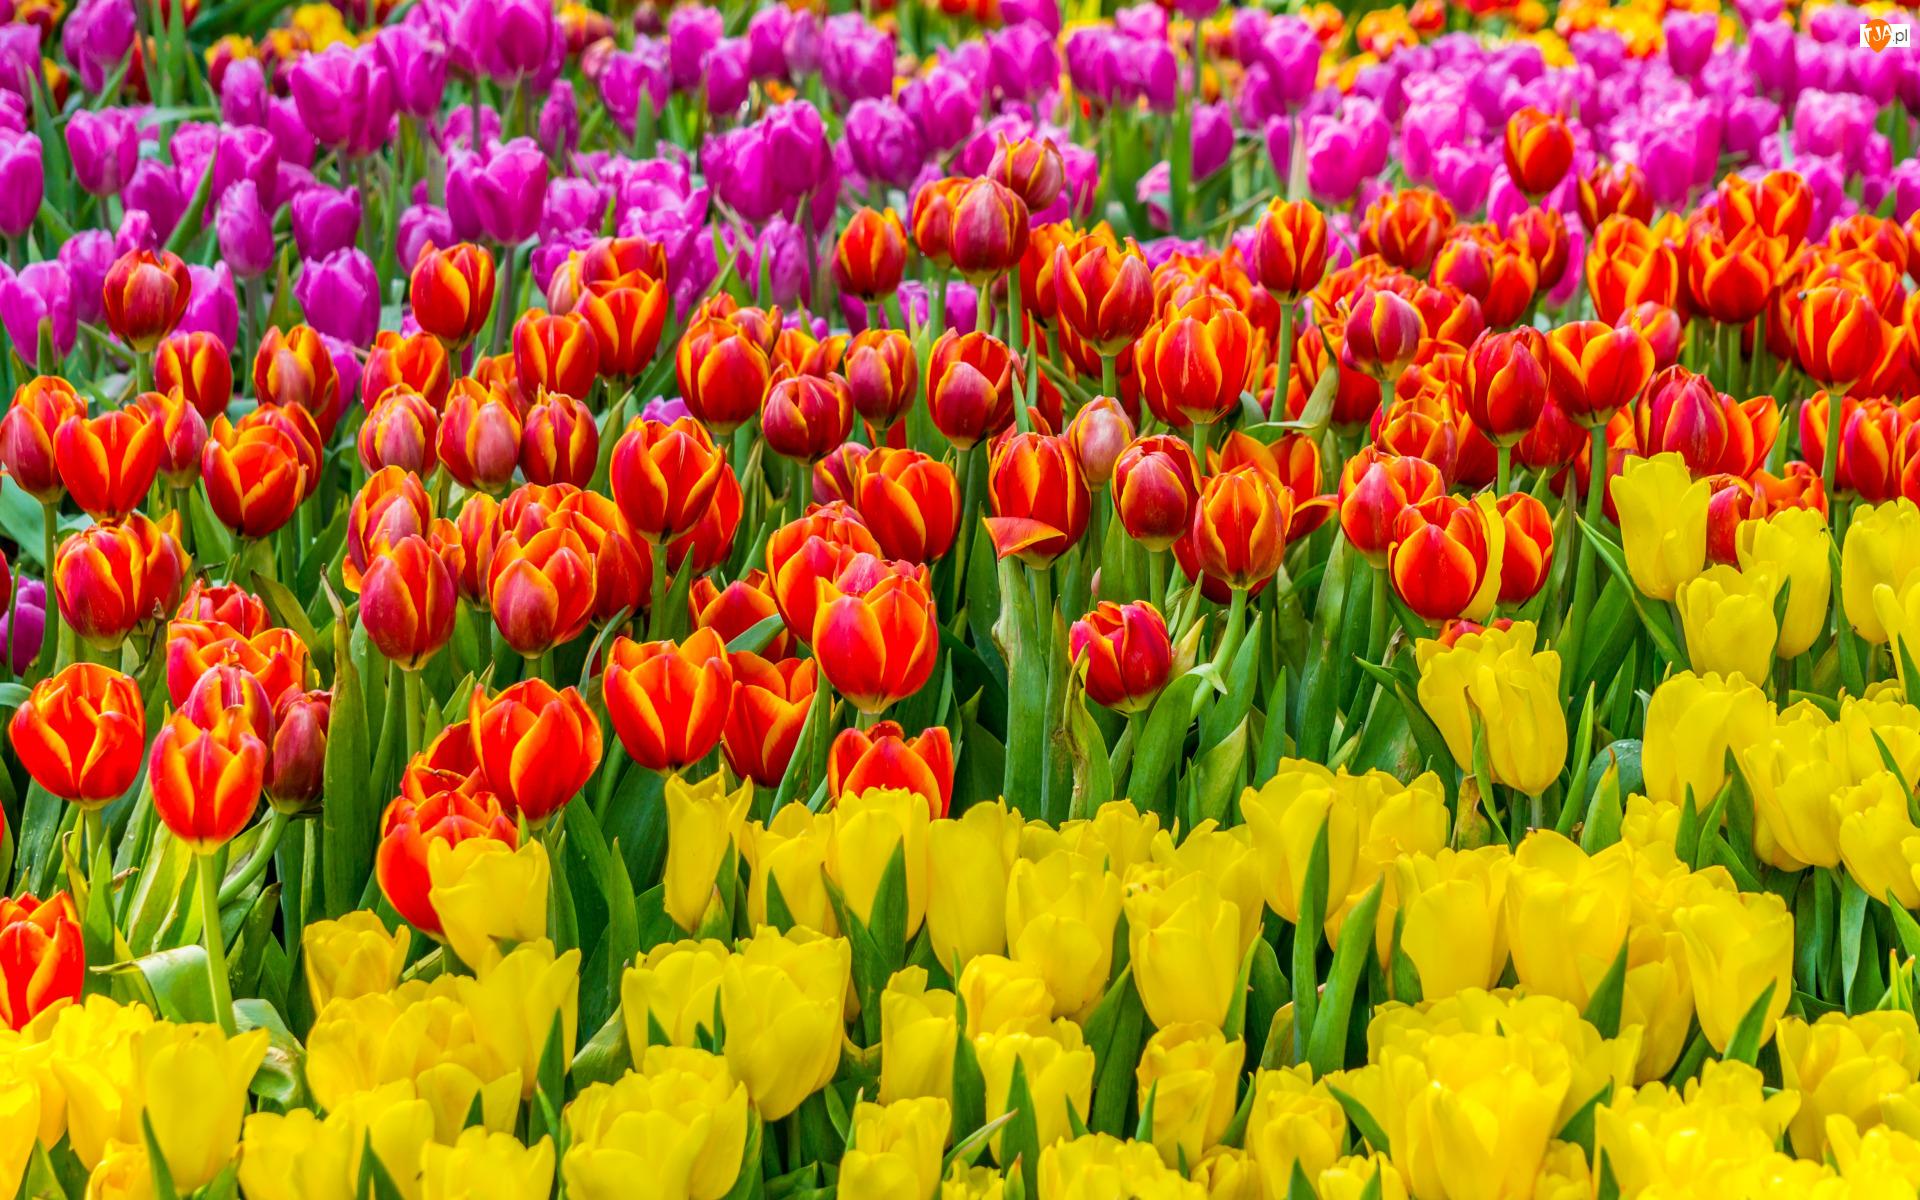 Kwiaty, Pole, Żółte, Różowe, Tulipany, Czerwone